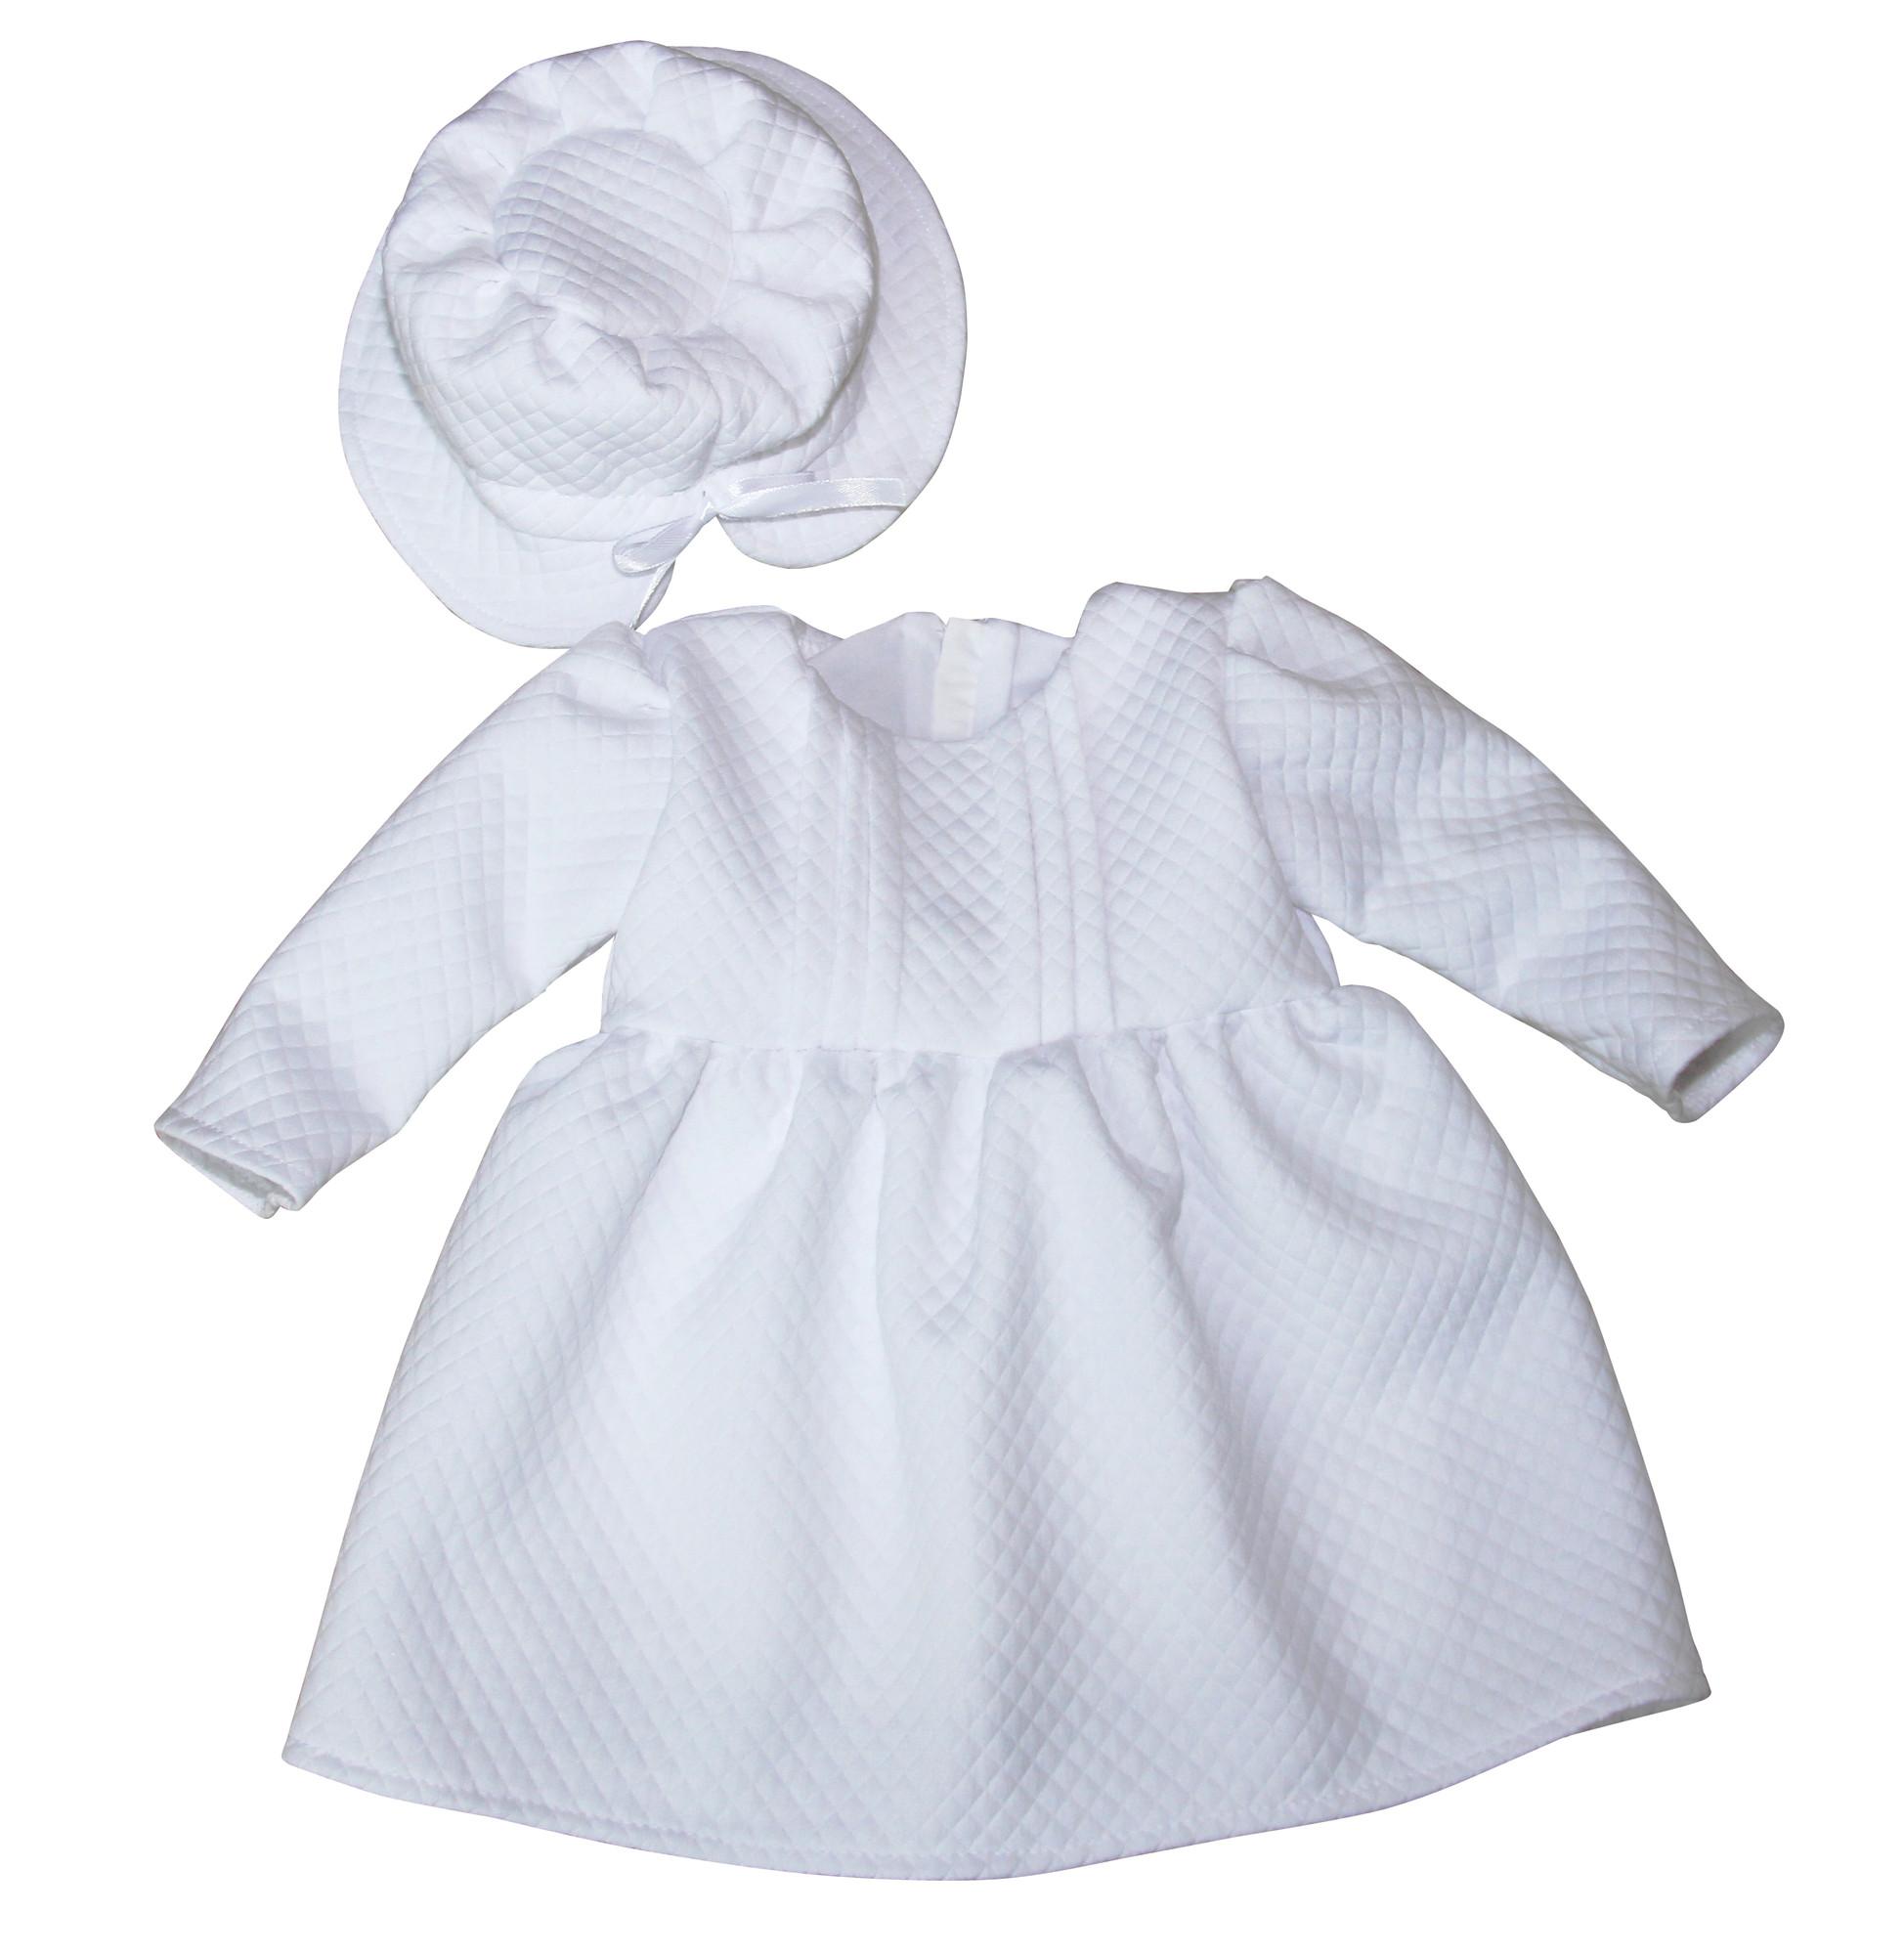 BIMARO Baby Mädchen Taufkleid Claire Babykleid weiß mit Hut Kleid festlich langarm schlicht Hochzeit Taufe